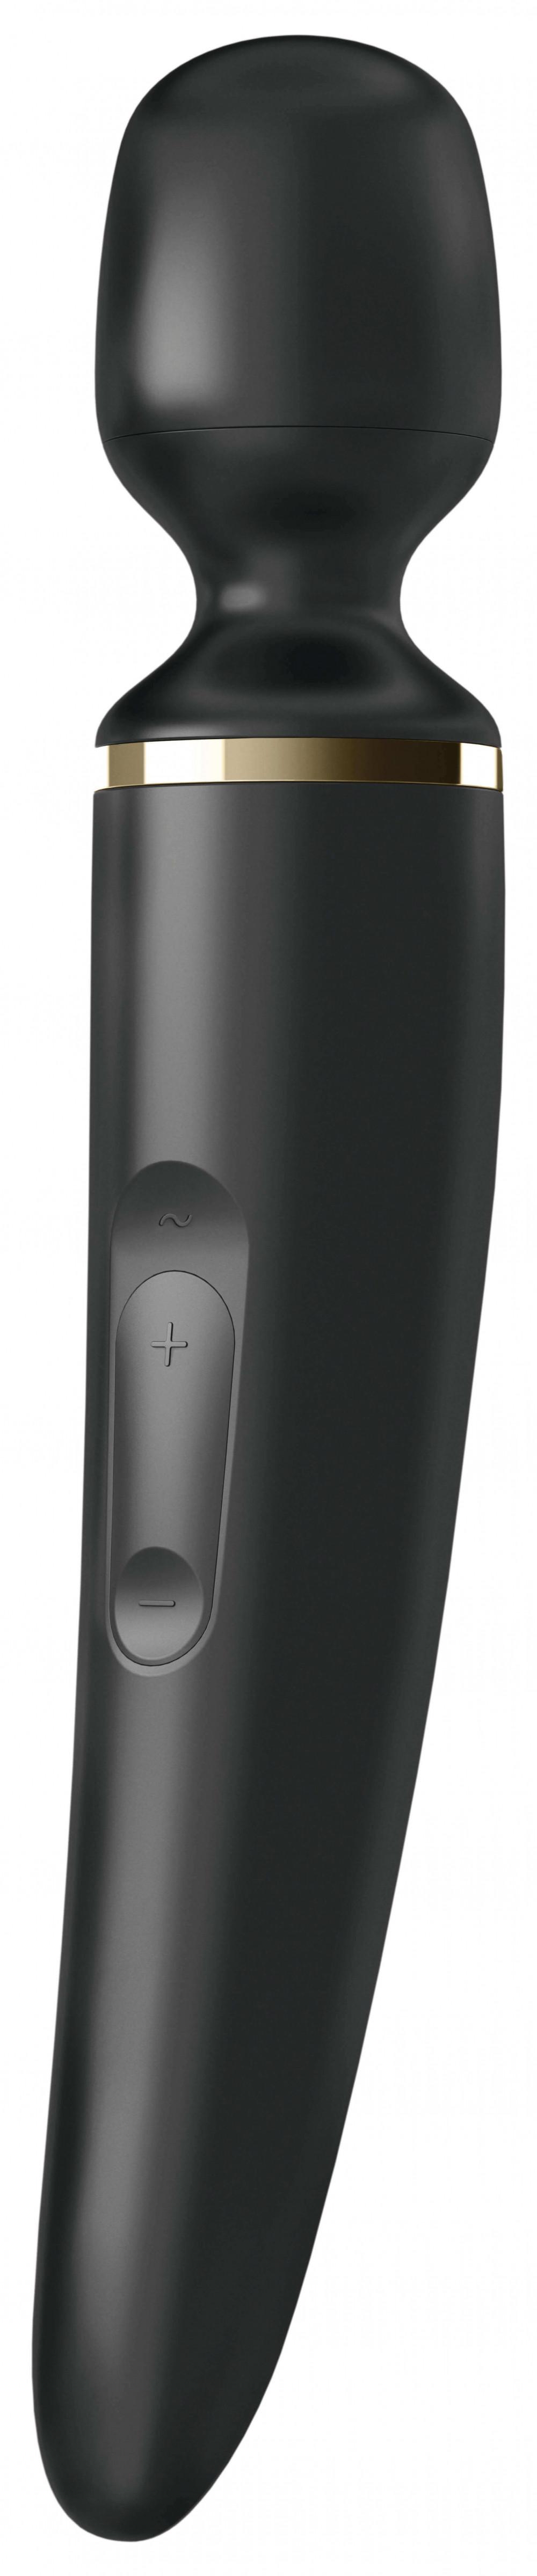 Satisfyer Woman Wand - nabíjecí, vodotěsný masážní vibrátor (černý)